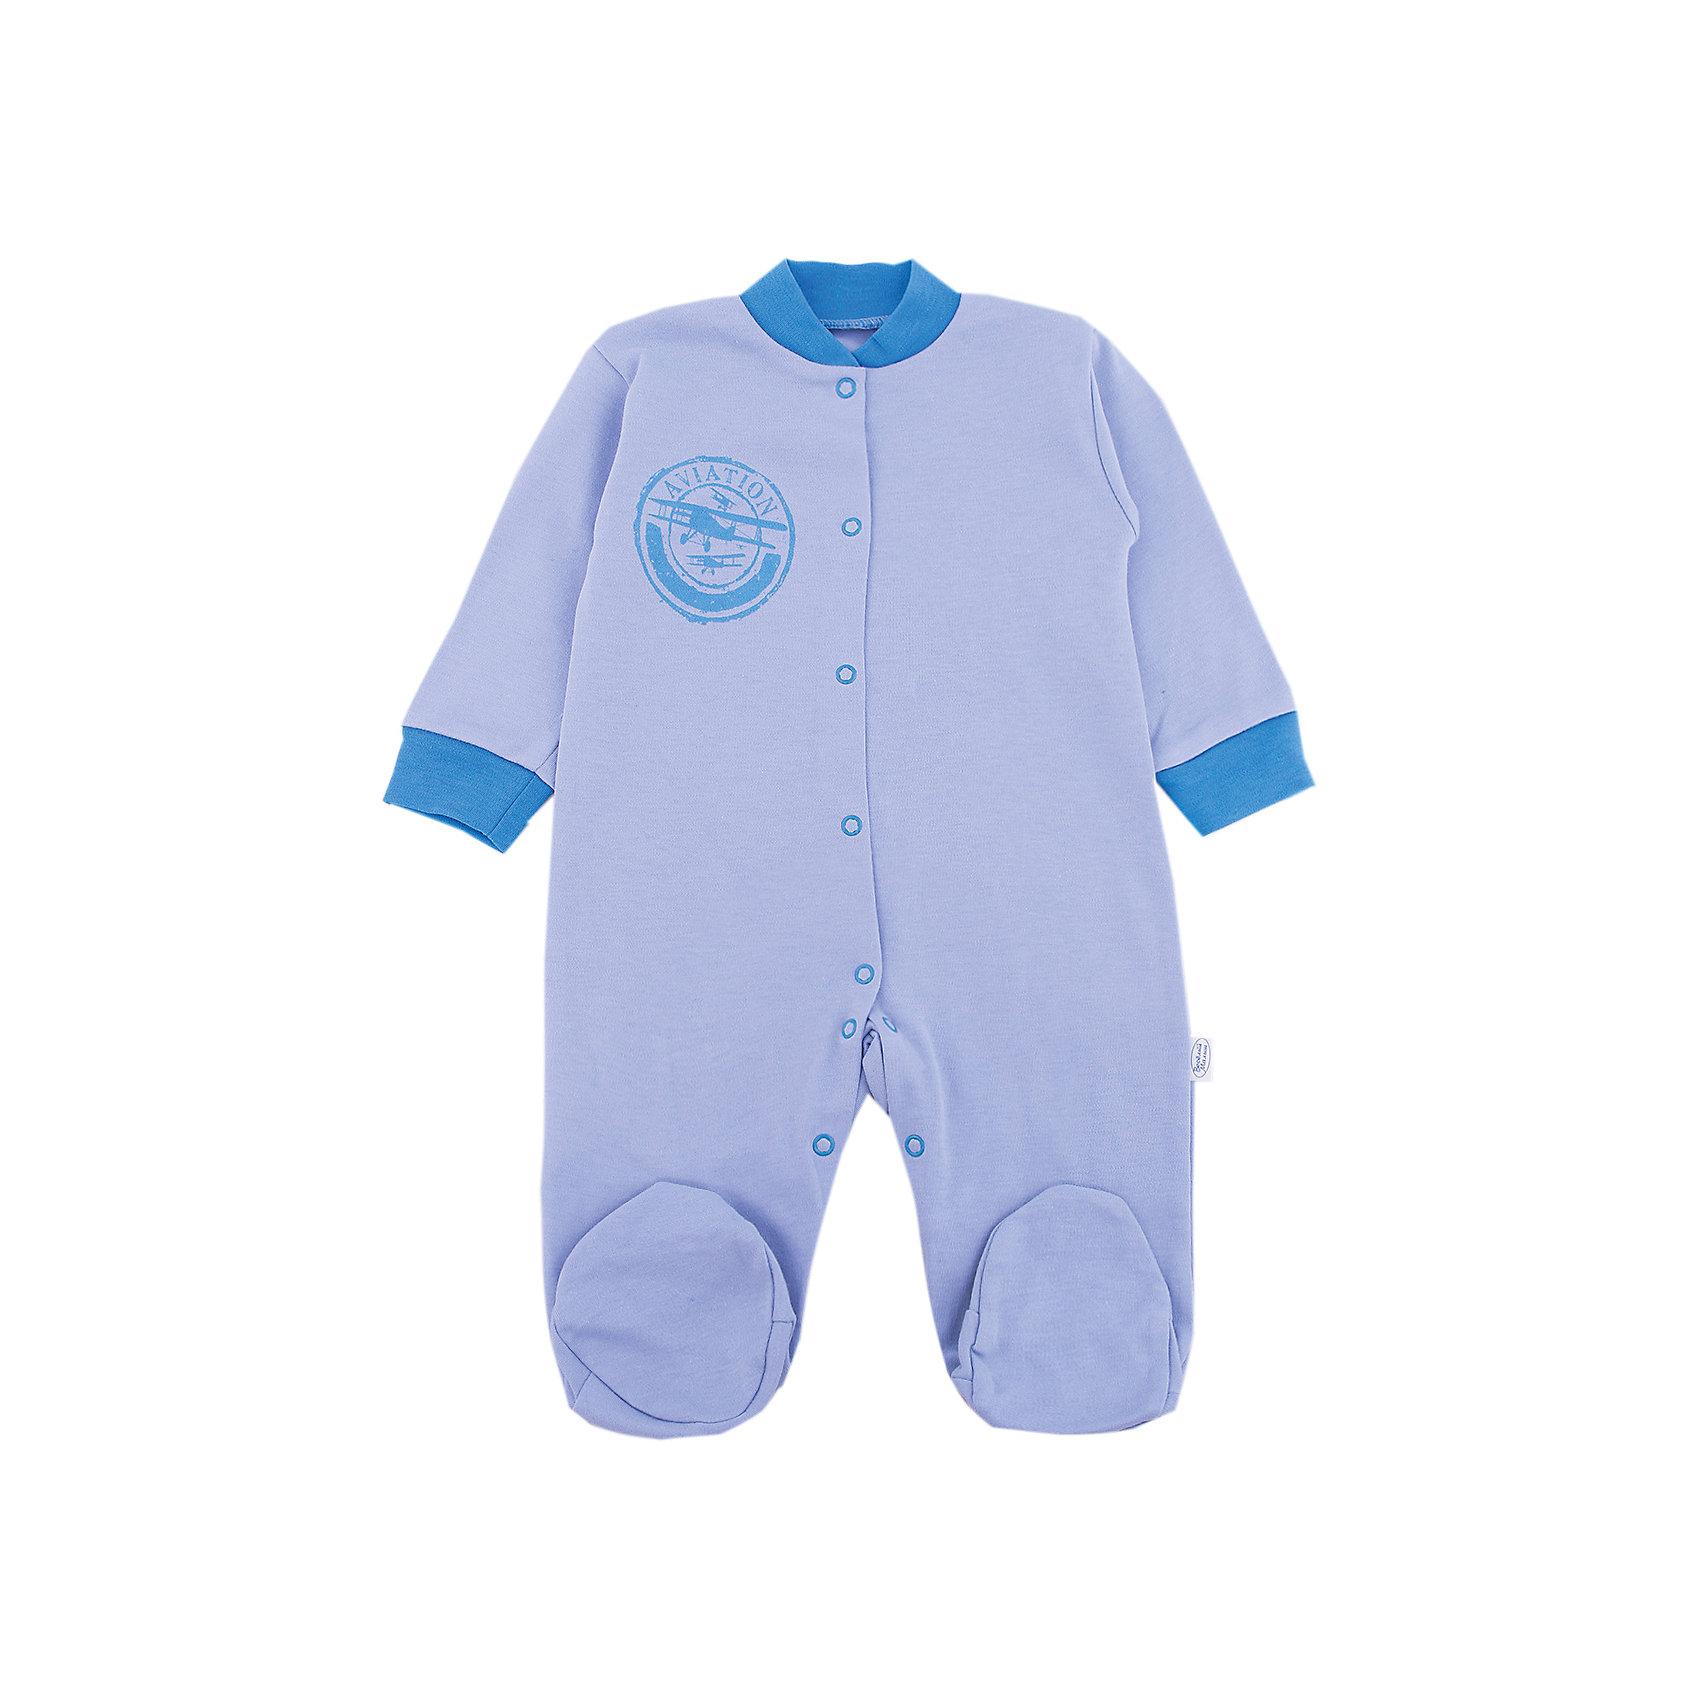 Комбинезон Веселый малыш для мальчикаКомбинезоны<br>Комбинезон Веселый малыш для мальчика<br>Комбинезон Авиатор из качественного натурального полотна (интерлок пенье).<br>Состав:<br>100%хлопок<br><br>Ширина мм: 157<br>Глубина мм: 13<br>Высота мм: 119<br>Вес г: 200<br>Цвет: голубой<br>Возраст от месяцев: 18<br>Возраст до месяцев: 24<br>Пол: Мужской<br>Возраст: Детский<br>Размер: 92,68,74,80,86<br>SKU: 7053355